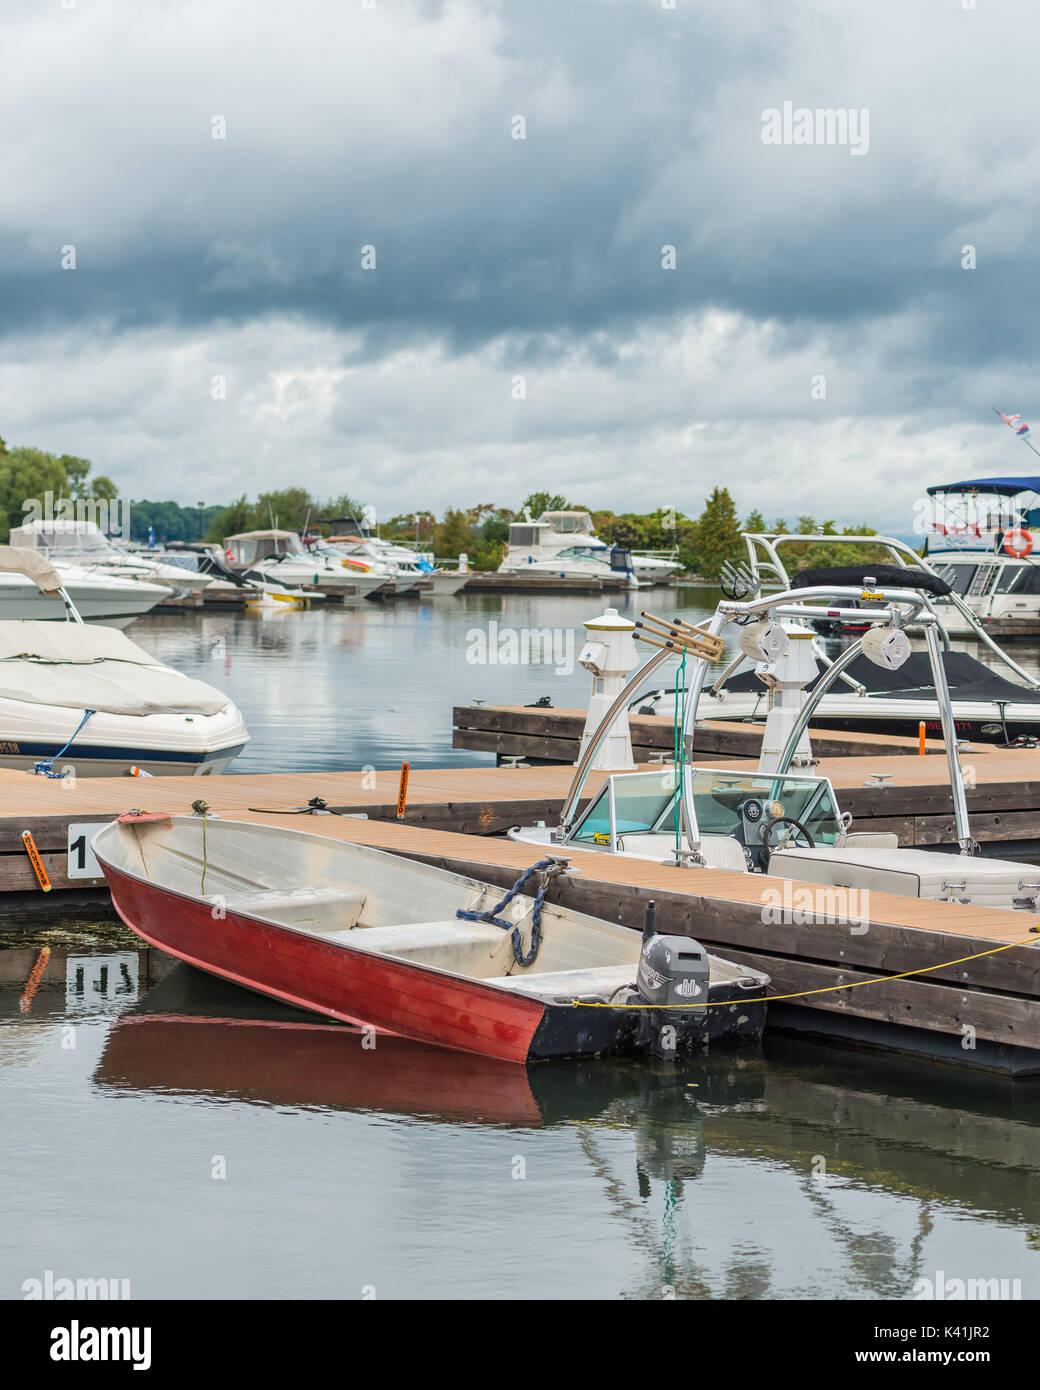 Kleine rote außenliegende Motorboot ist bei größeren teurer Yachten in Orillia Ontario zeigen, dass Bootfahren kann von allen genossen werden angedockt. Stockfoto